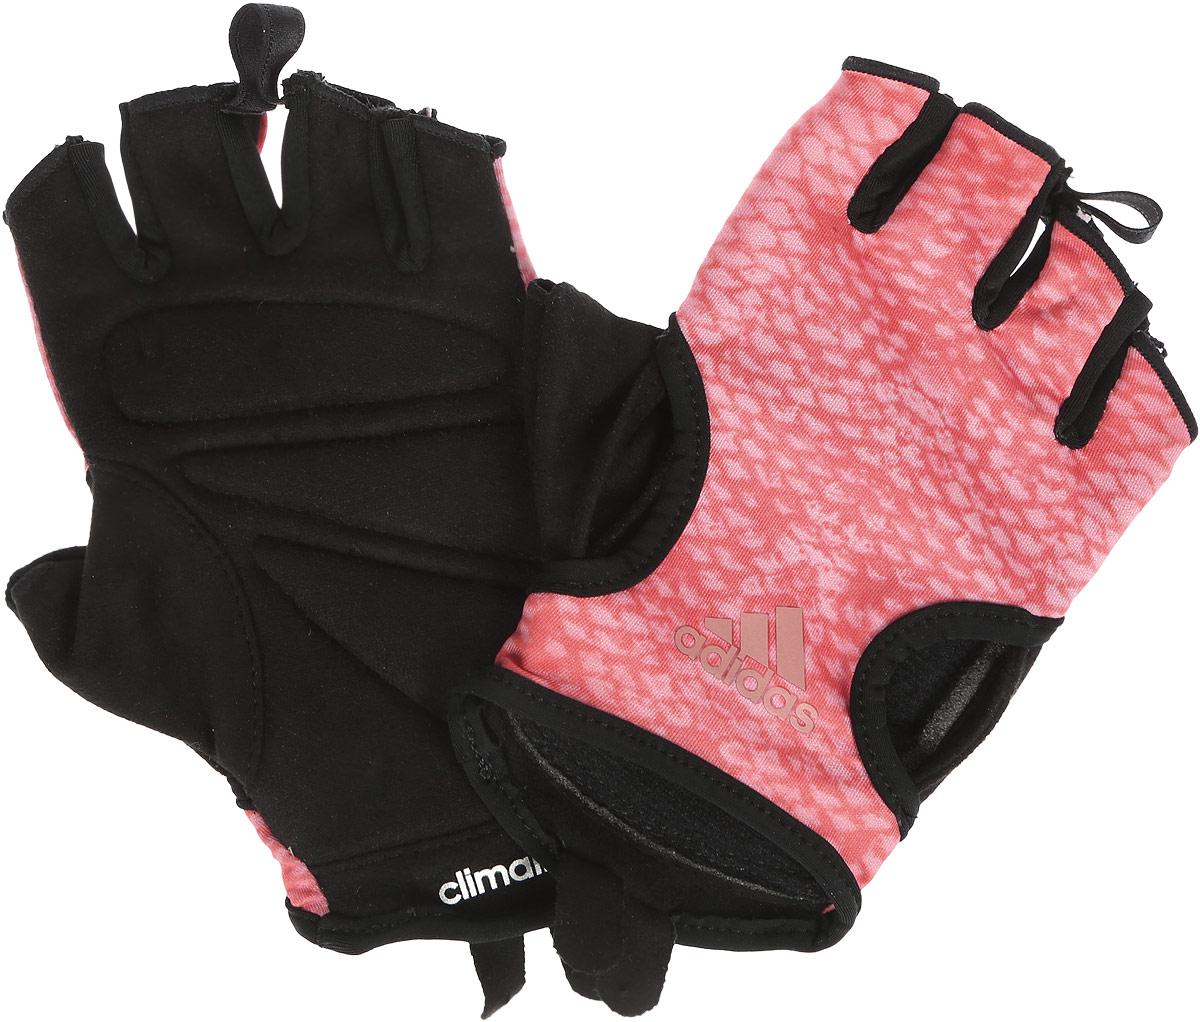 Перчатки для фитнеса Adidas Clmlt Gr Glovew, цвет: черный, оранжевый, розовый. Размер M (20)S99608Тренировочные перчатки Adidas Clmlt Gr Glovew обеспечат твоим рукам дополнительную защиту и сцепление во время хвата. Модель из эластичного тканого материала (85% полиэстер, 15% эластан) оптимально отводит излишки влаги. Замшевая сторона на ладони с мягкими амортизирующими вставками. Ткань в области большого пальца поглощает влагу. Петелька между пальцами для легкого снимания. Яркая графика на тыльной стороне. Характеристики: - Ткань с технологией Сlimalite быстро и эффективно отводит влагу с поверхности кожи, поддерживая комфортный микроклимат. - Амортизирующие вставки на ладонях для дополнительной защиты и сцепления. - Замшевая внутренняя часть. - Специальная вставка в области большого пальца эффективно поглощает влагу. - Петелька между пальцами для быстрого снимания.